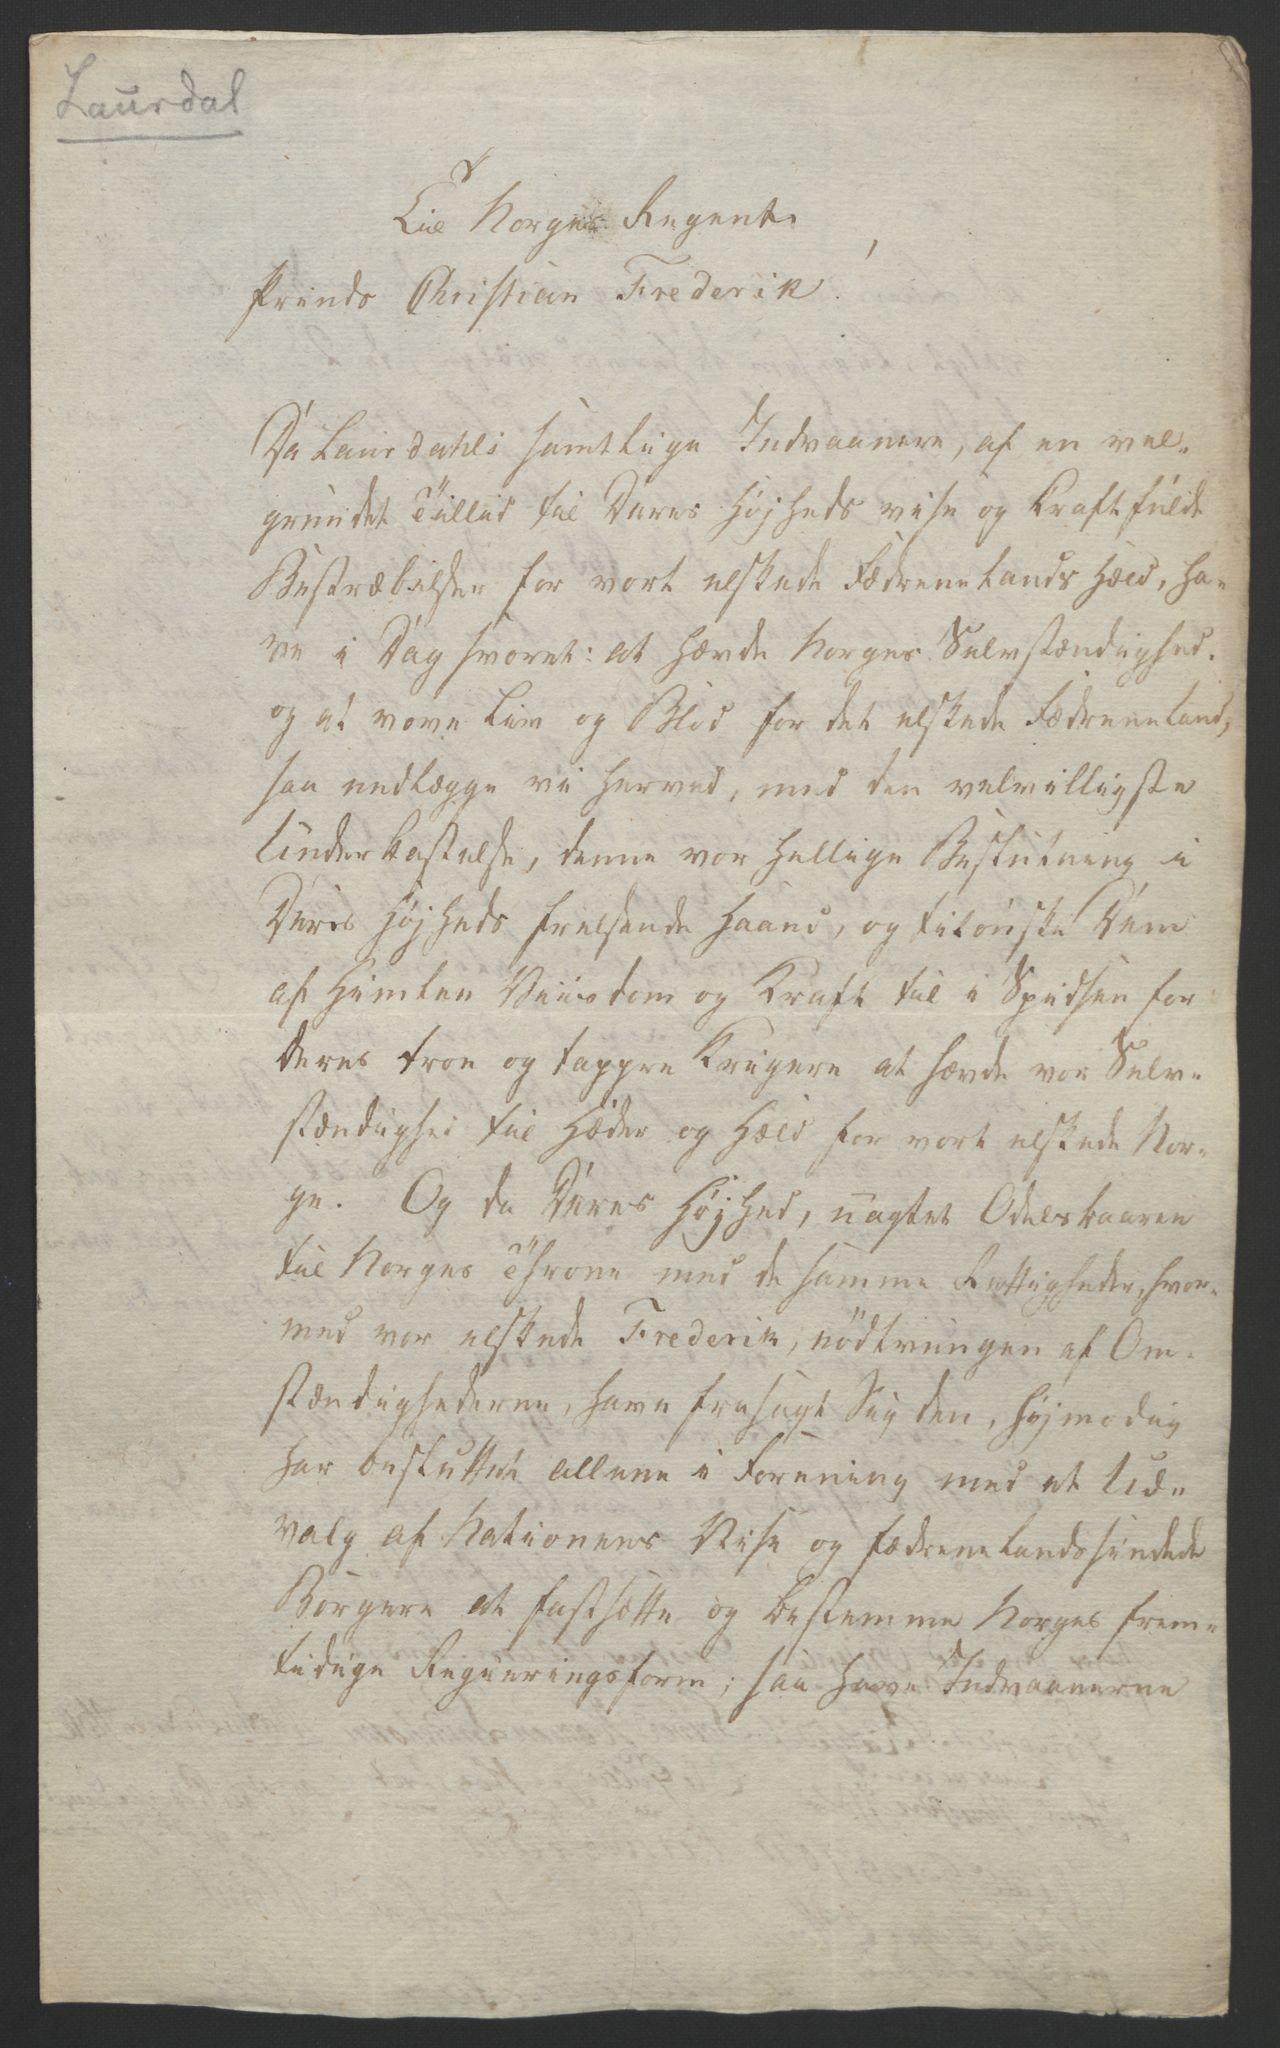 RA, Statsrådssekretariatet, D/Db/L0008: Fullmakter for Eidsvollsrepresentantene i 1814. , 1814, s. 14